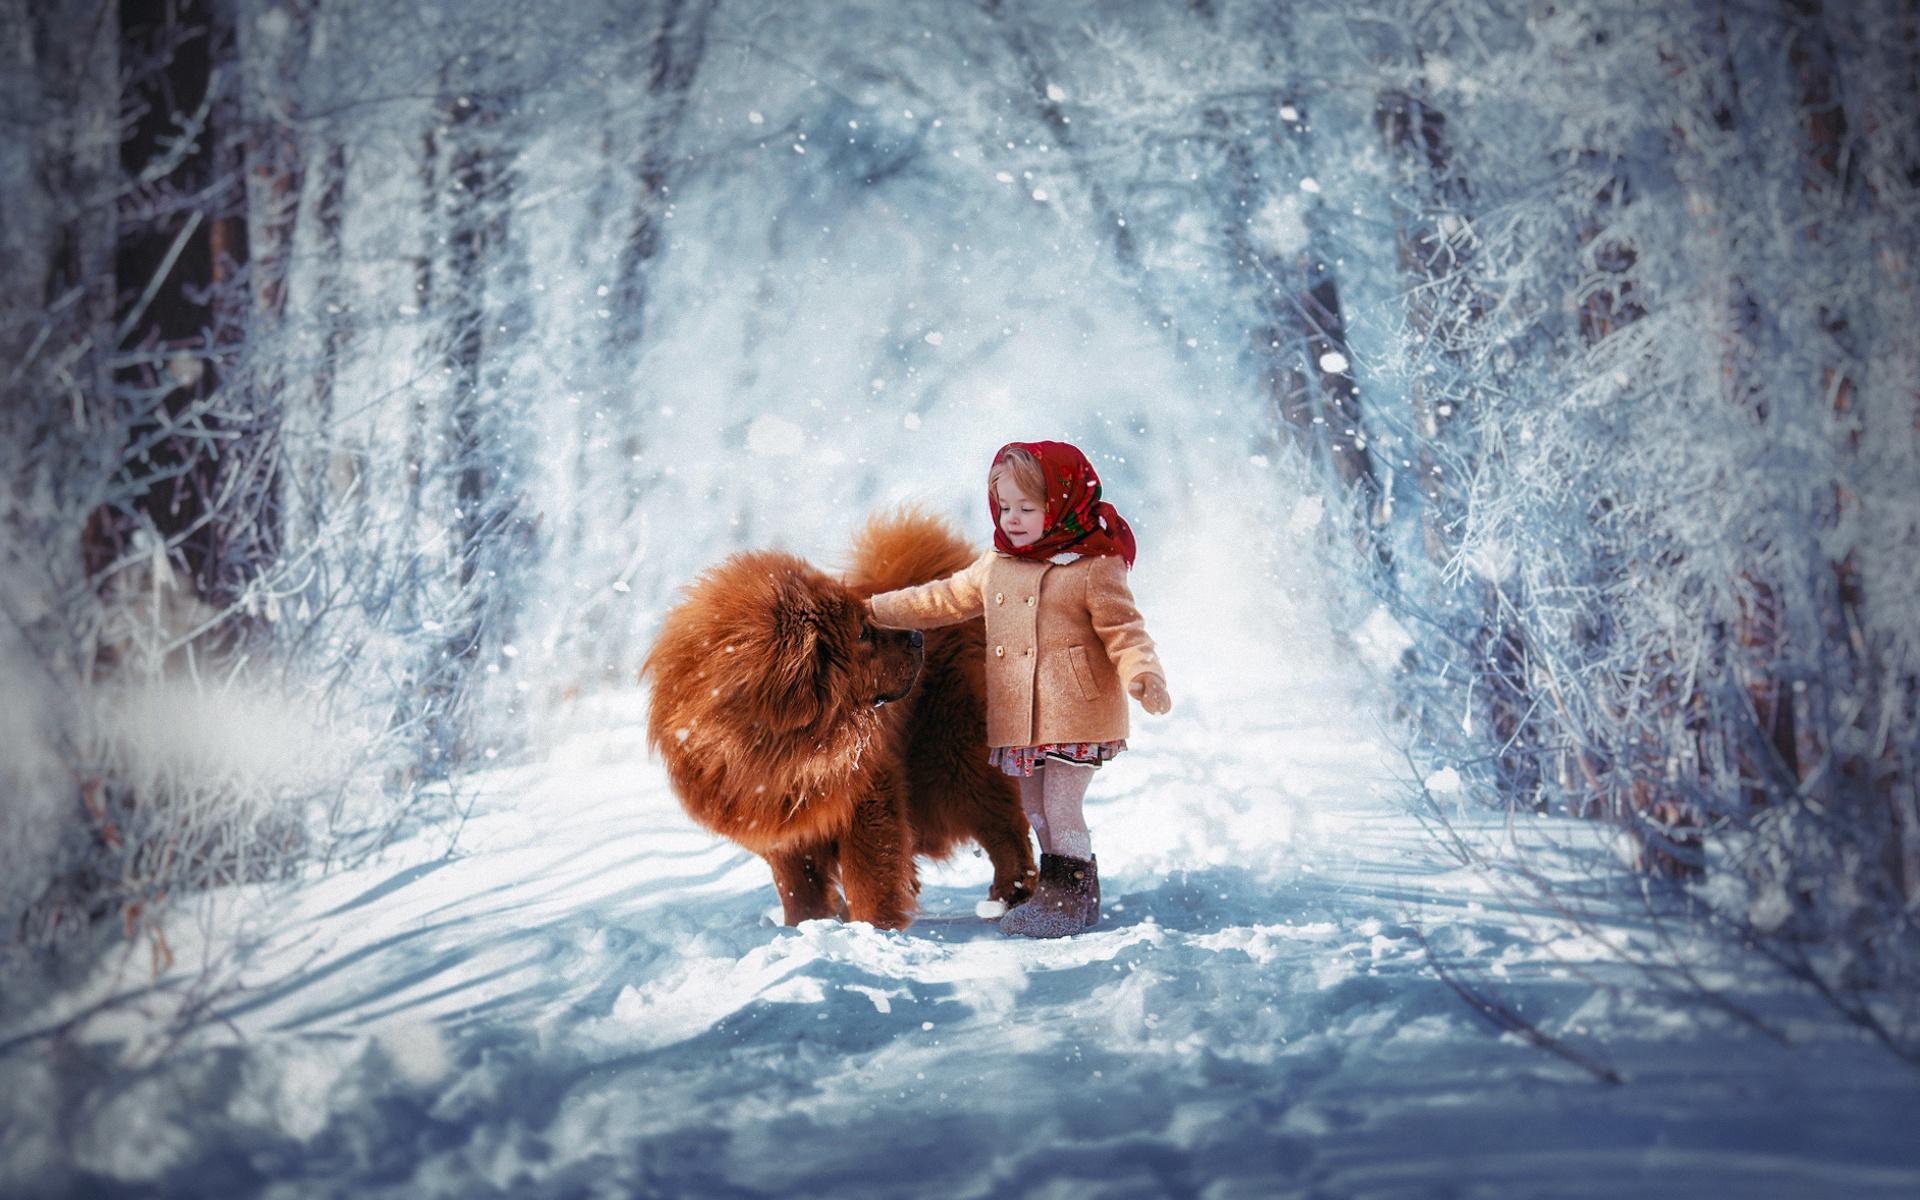 Картинка это моя лучшая зима